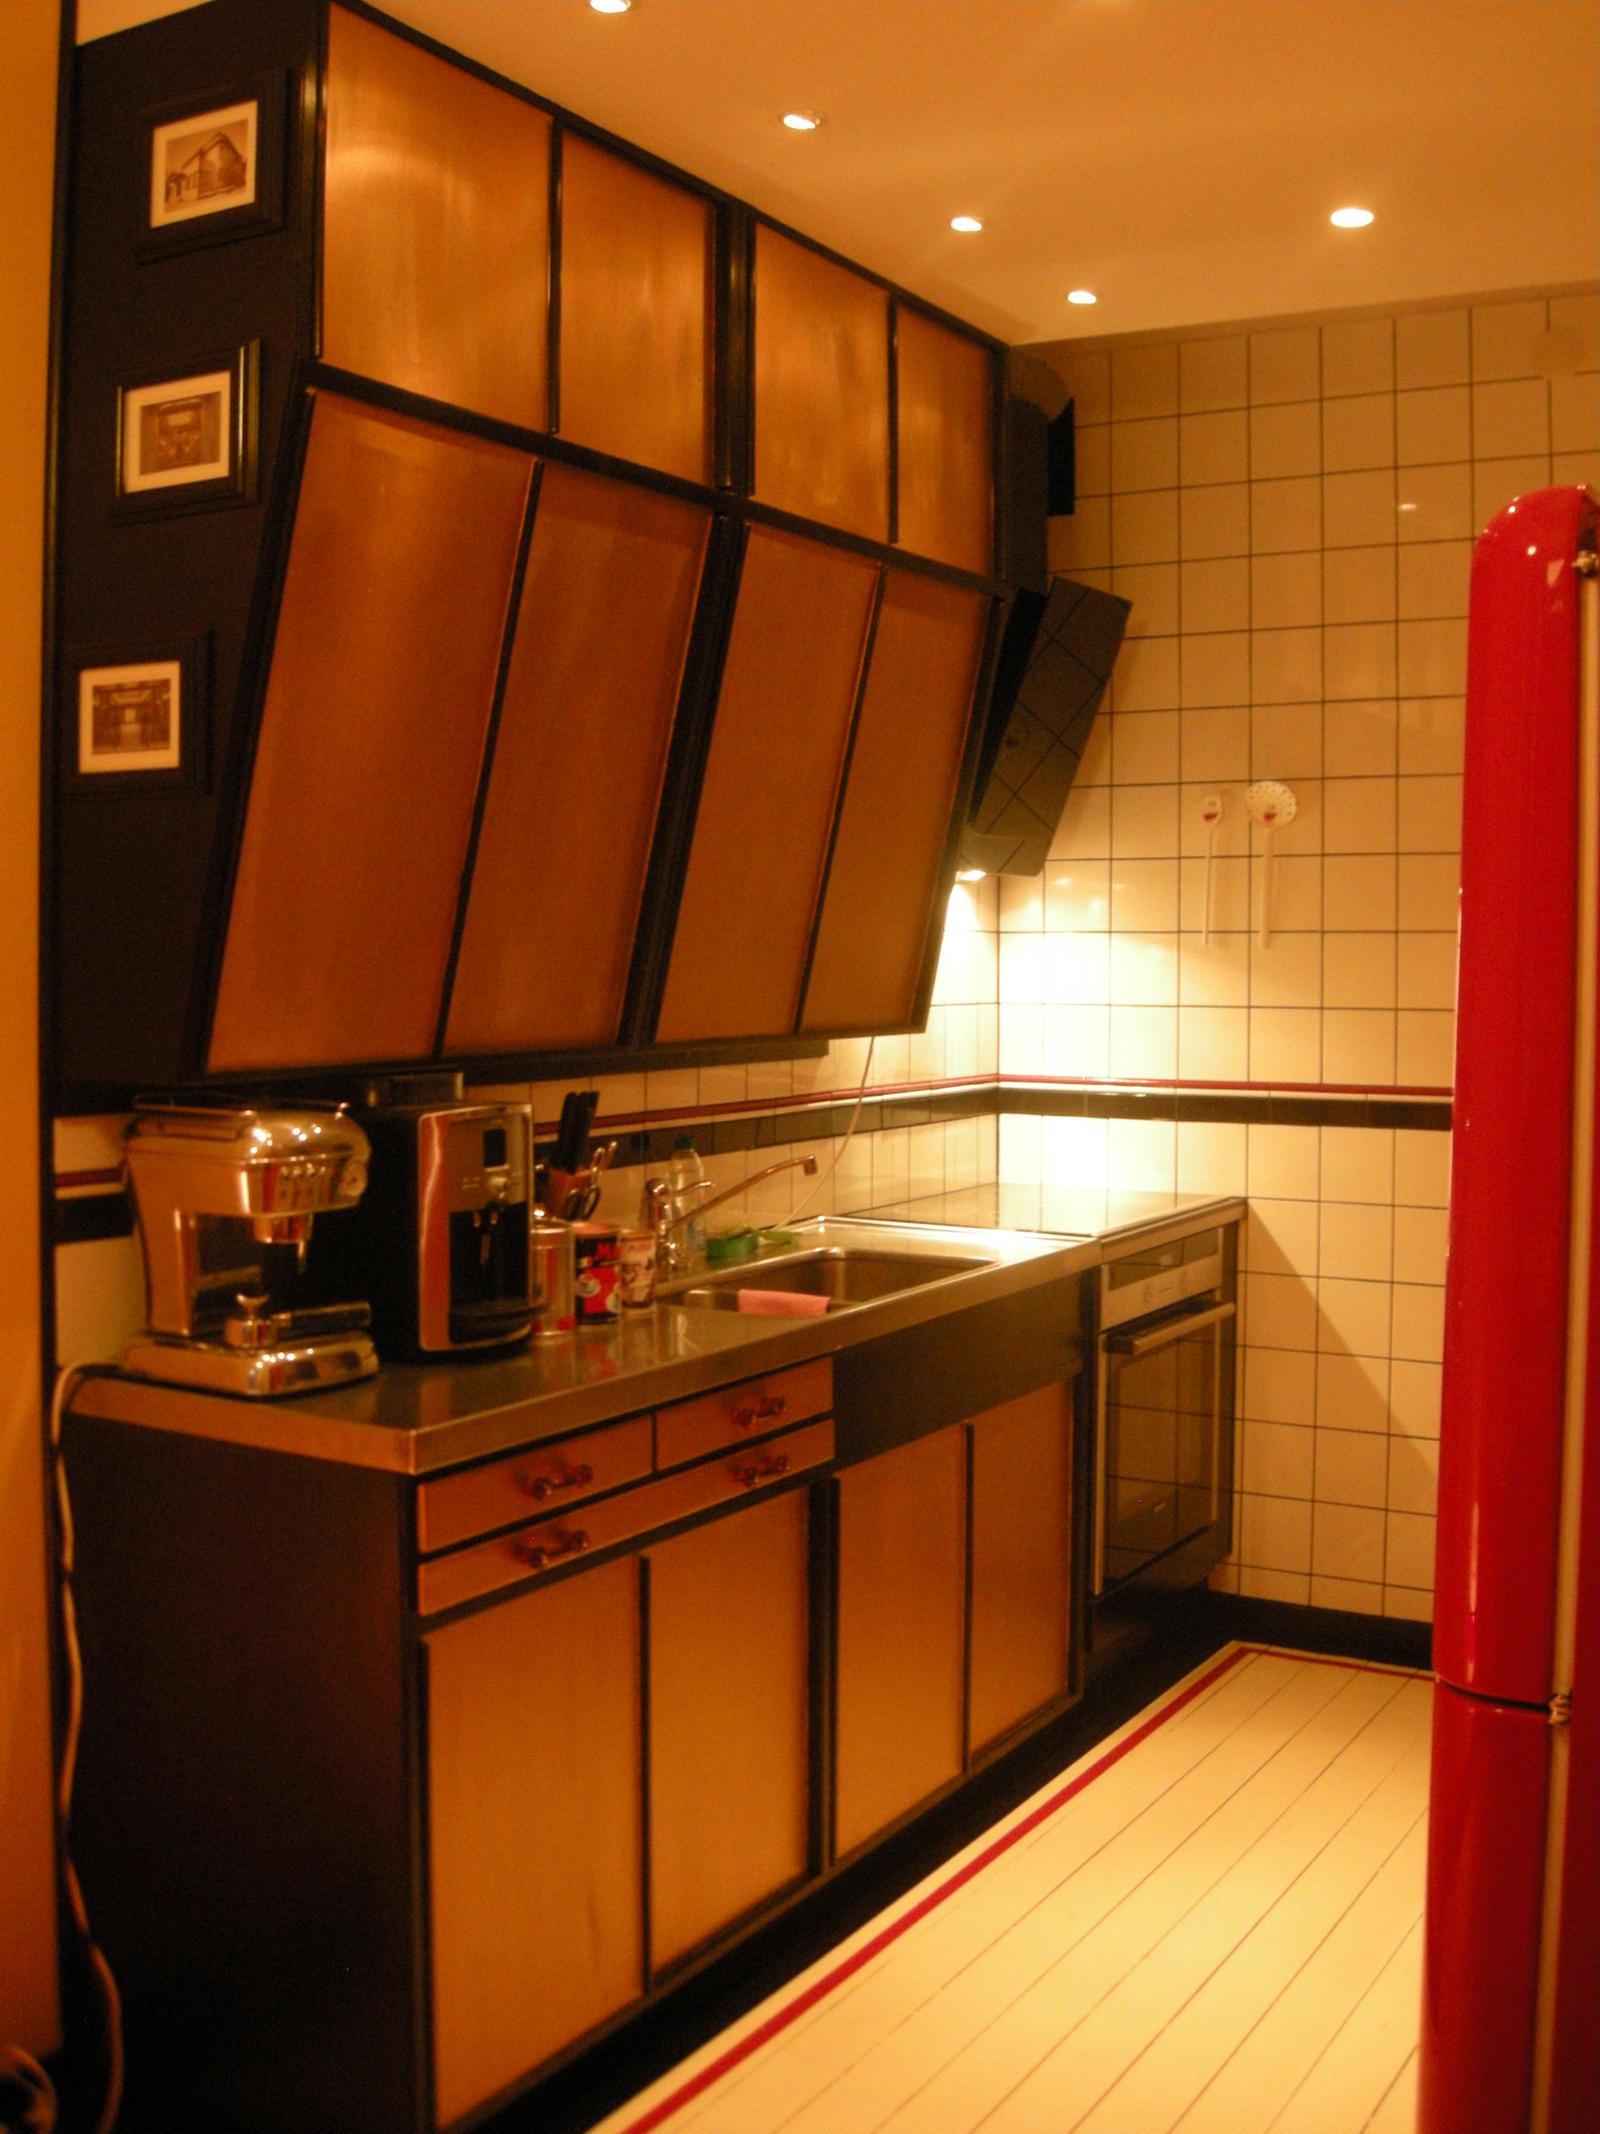 Renewed retro kitchen